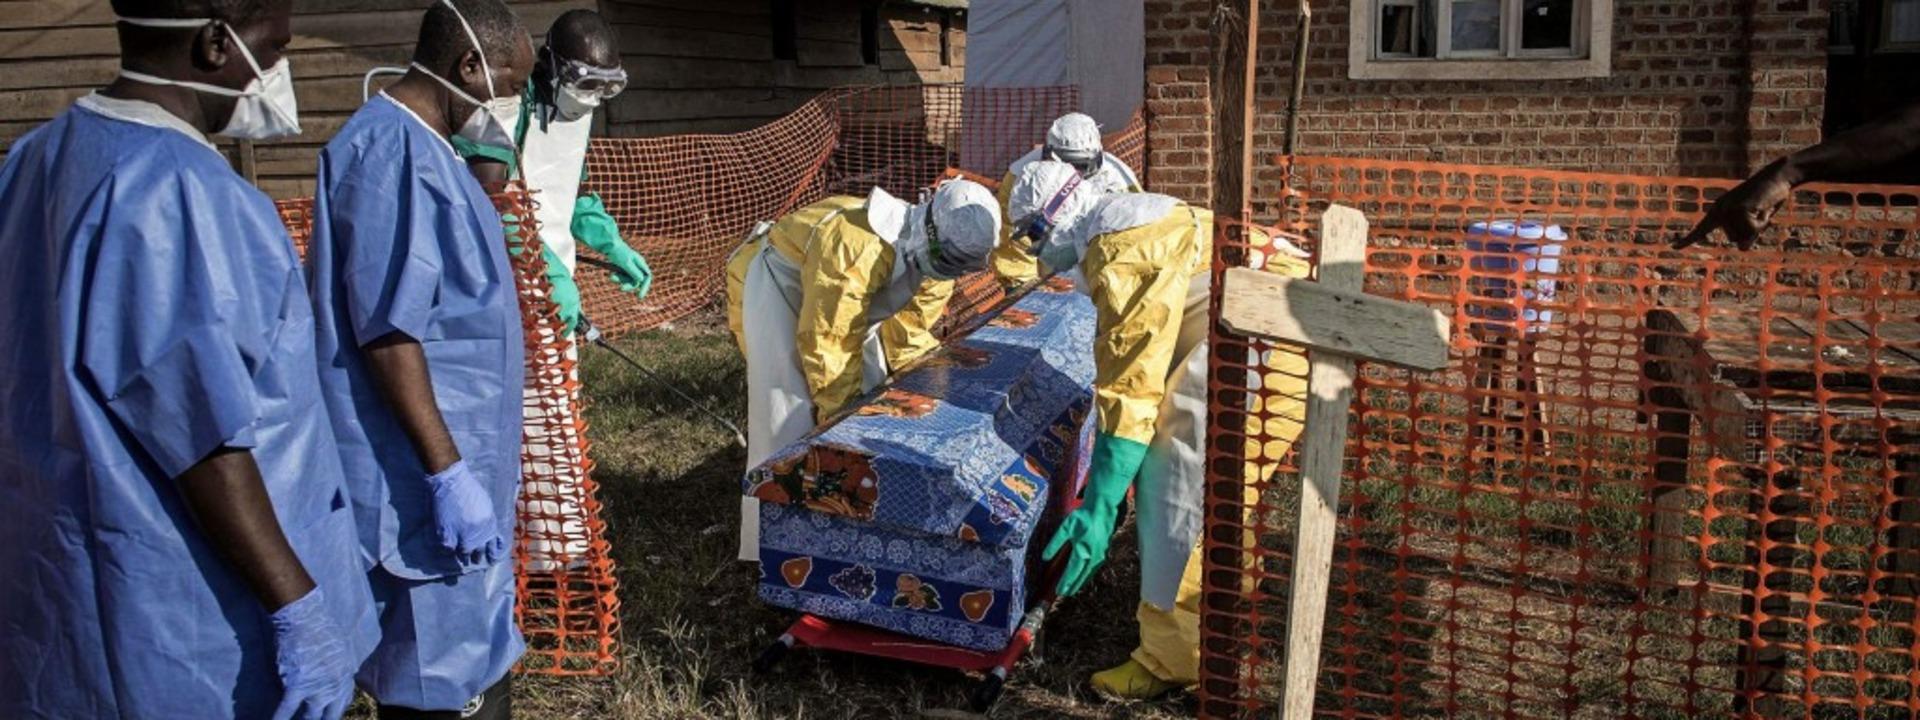 Endstation Ebola-Station in Beni &#821..., sondern nur beim Sterben begleiten.     Foto: AFP/Dieterich (2)